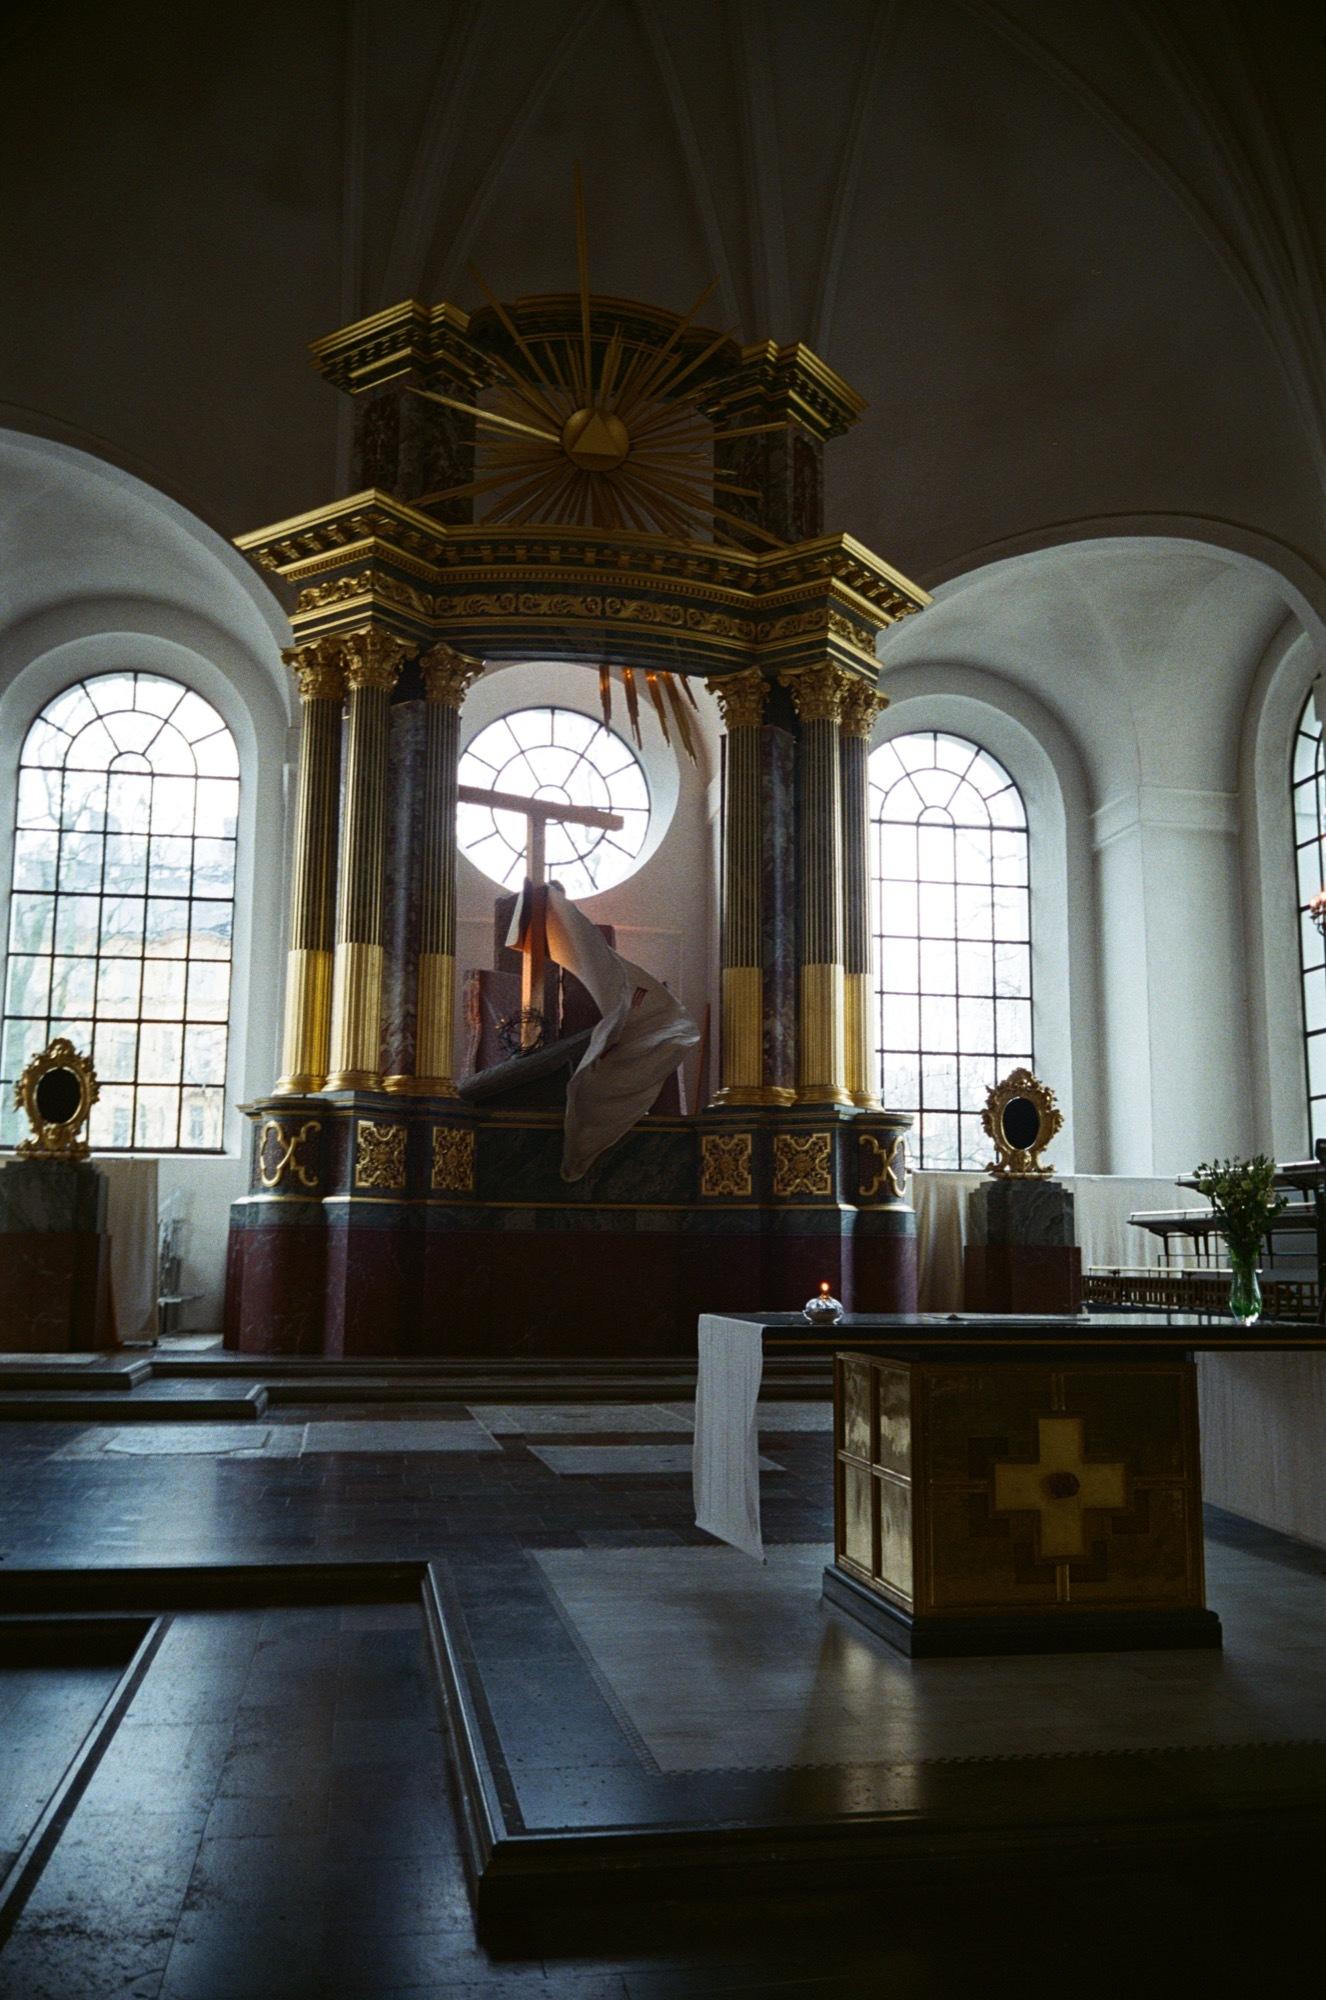 cameraville_leica_mda_stockholm_avenon_28mm_kodak_gold_400_25.jpg